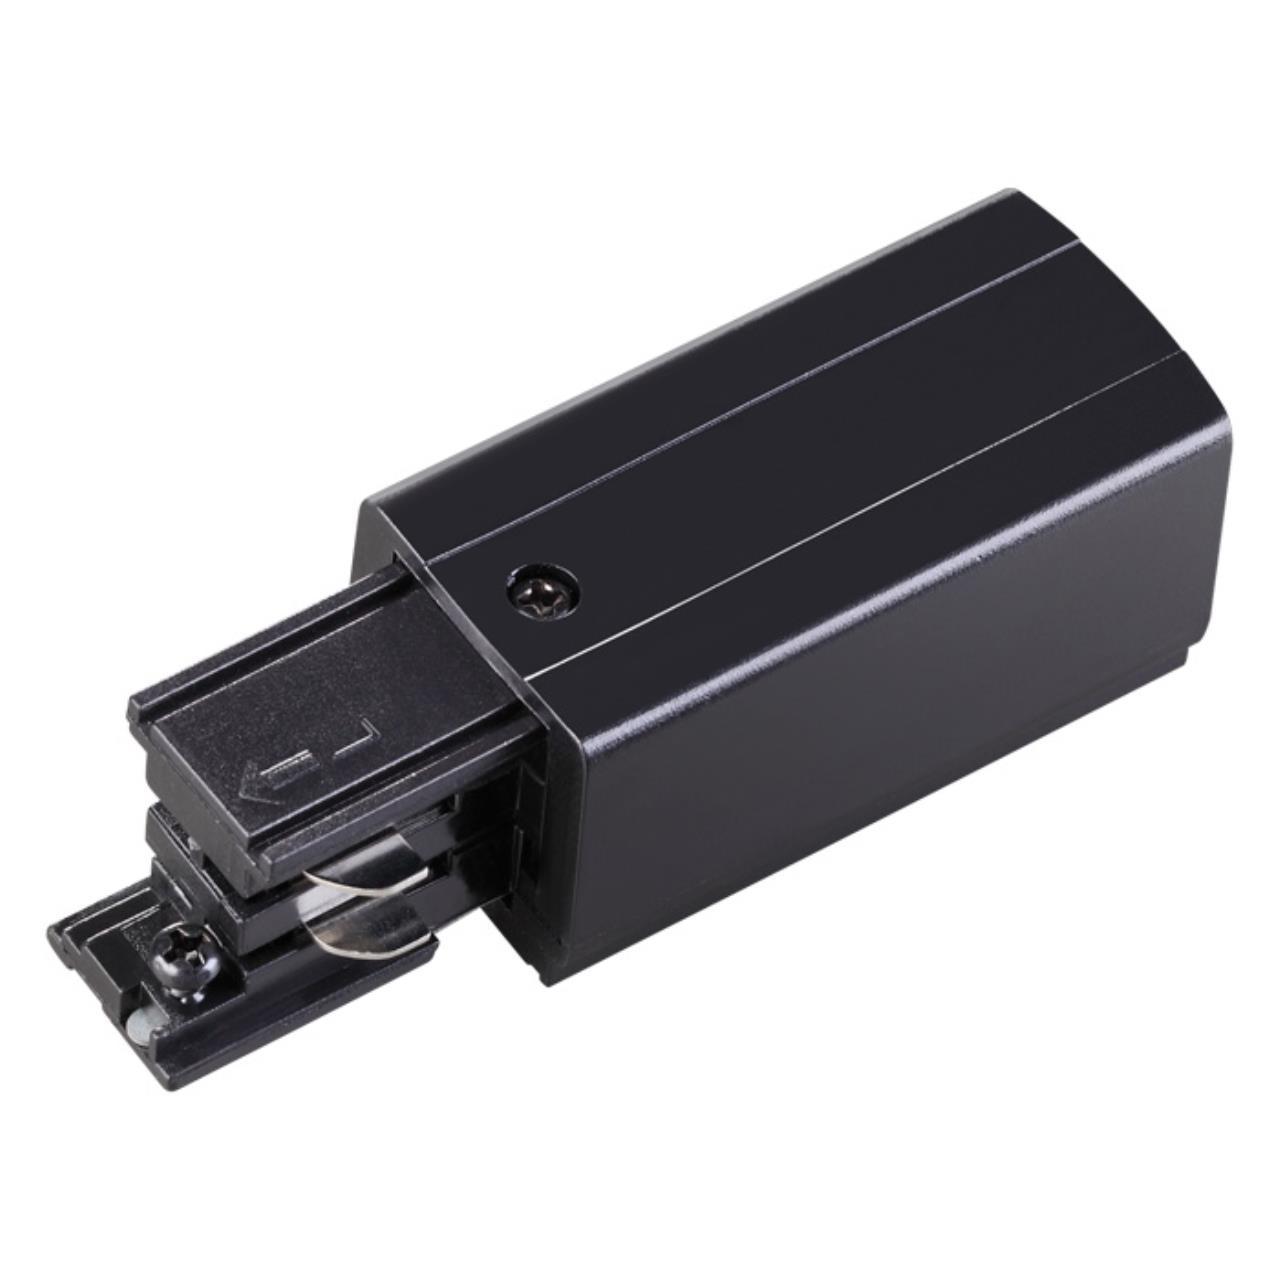 135049 PORT NT19 012 черный Соединитель-токопровод-правый для трехфазного шинопровода IP20 220V